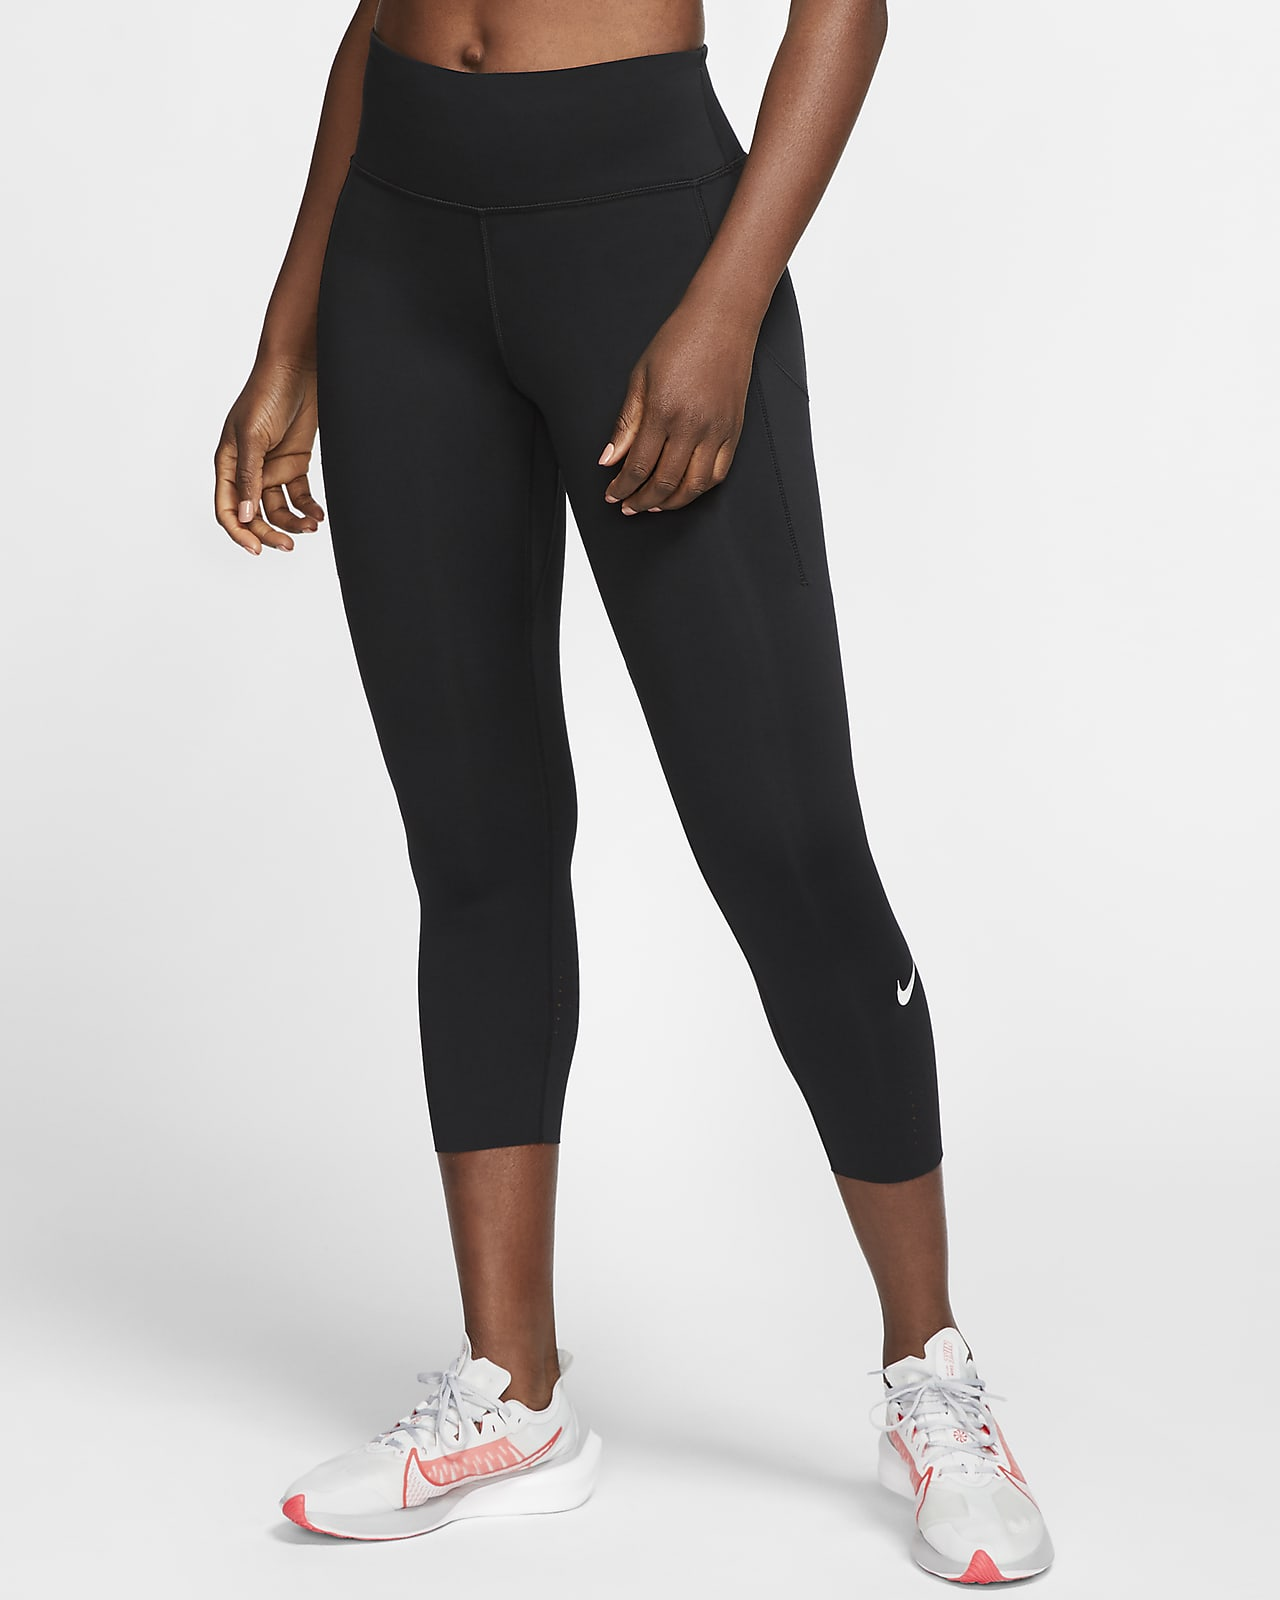 Dámské zkrácené běžecké legíny Nike Epic Luxe se středně vysokým pasem akapsou